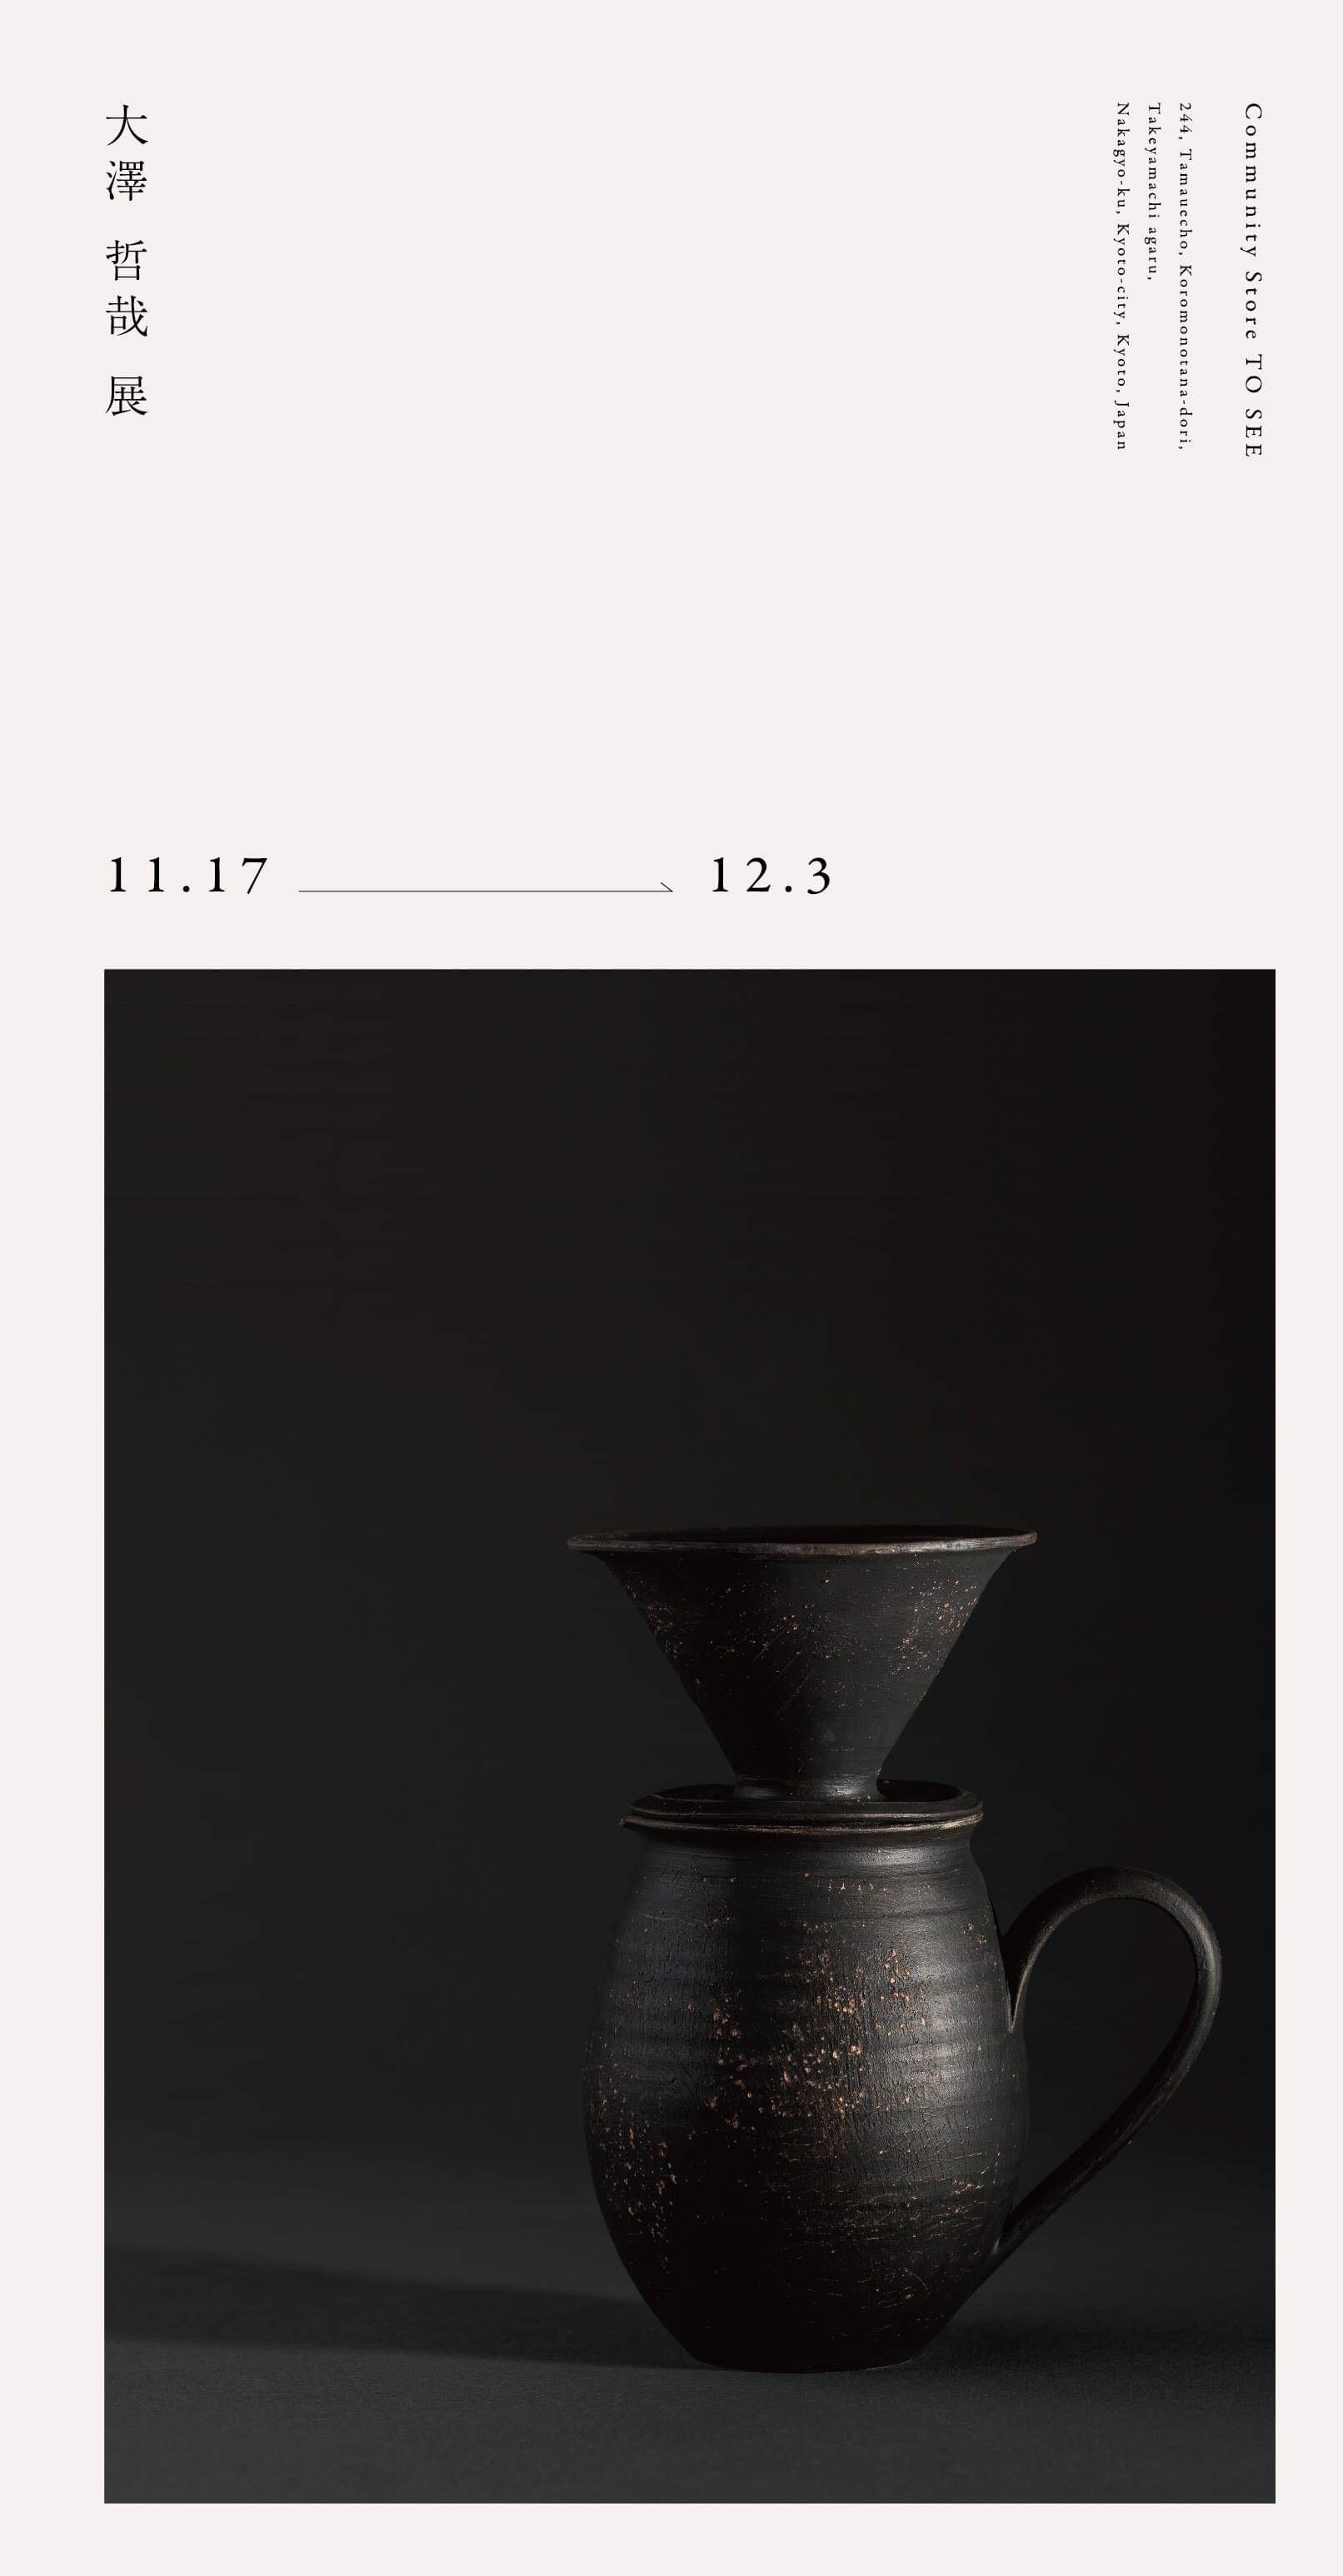 企画展《TO SEE Archive:09》<br>大澤 哲哉 展